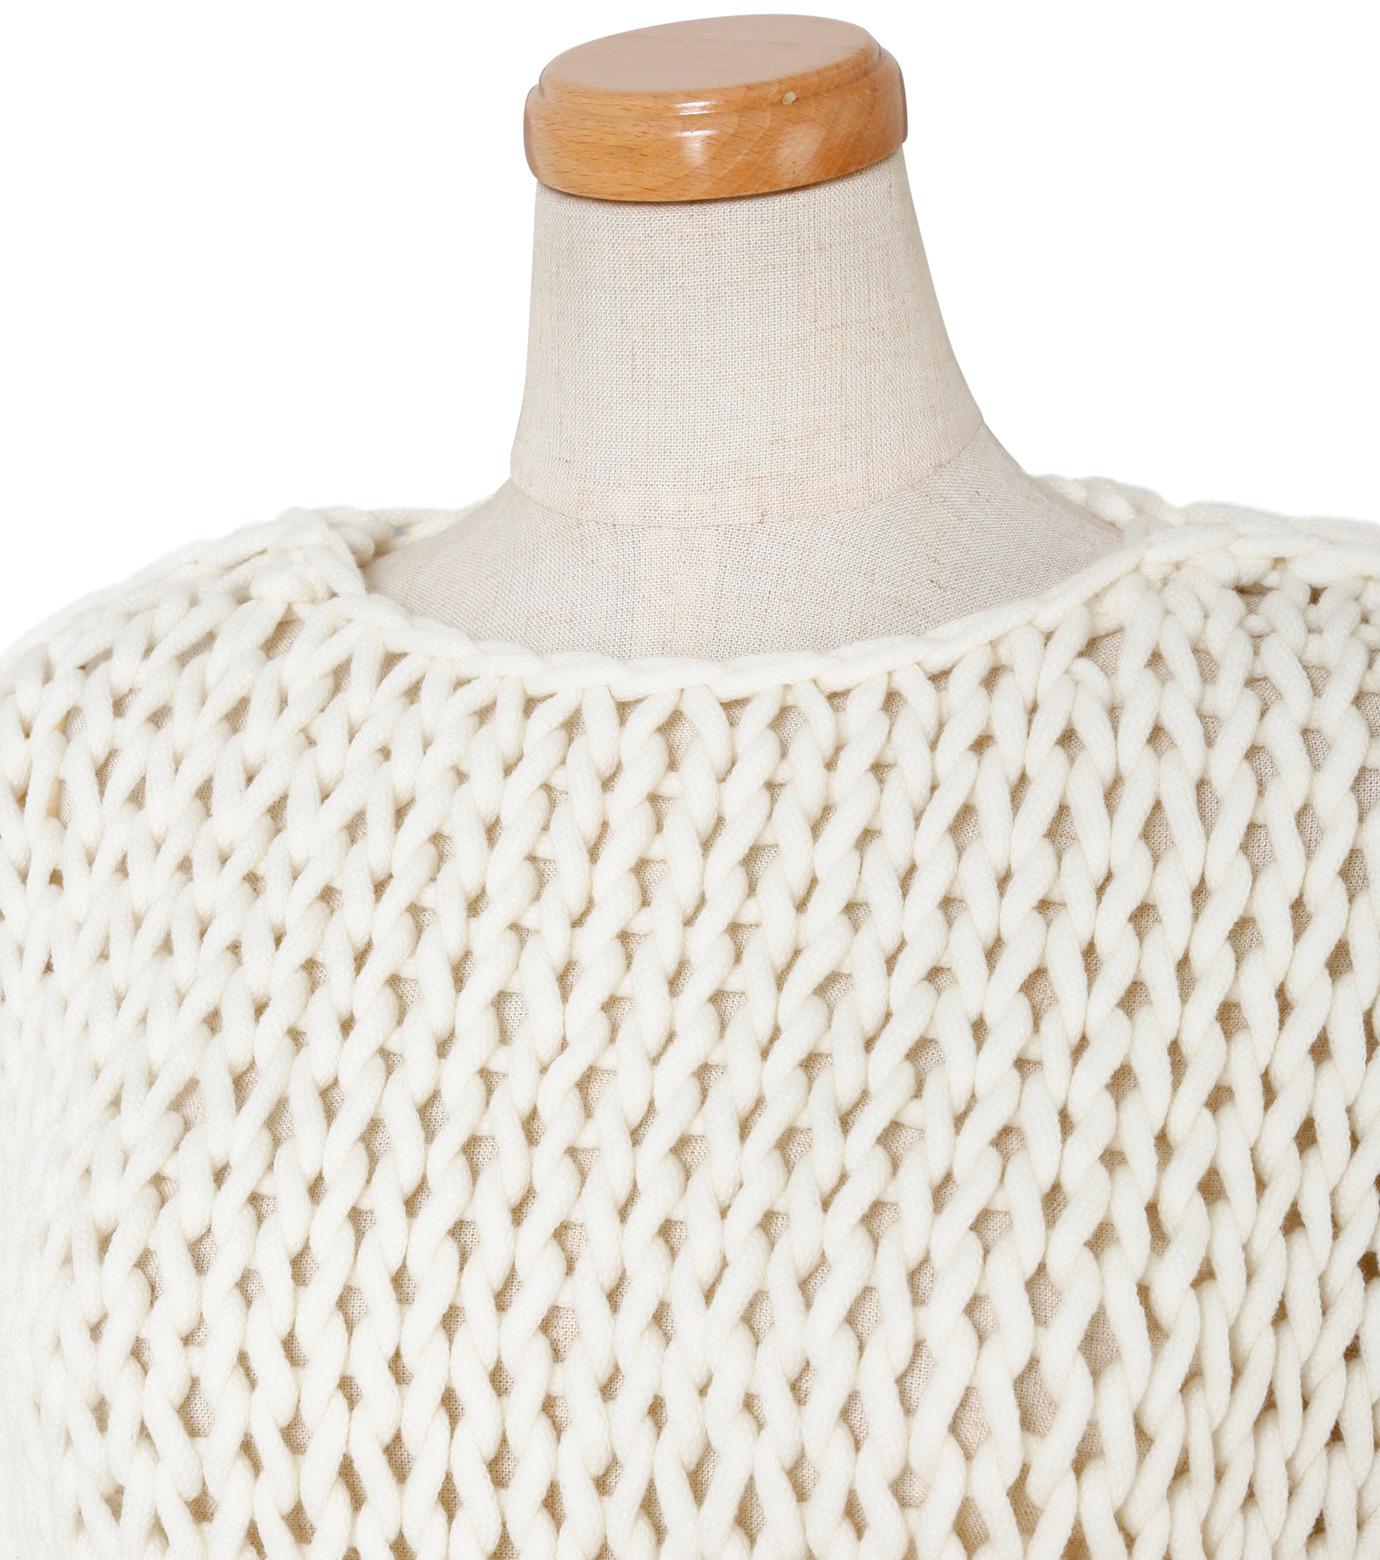 IRENE(アイレネ)のスーパーローゲージハンドニット-WHITE(ニット/knit)-19S81004 拡大詳細画像4